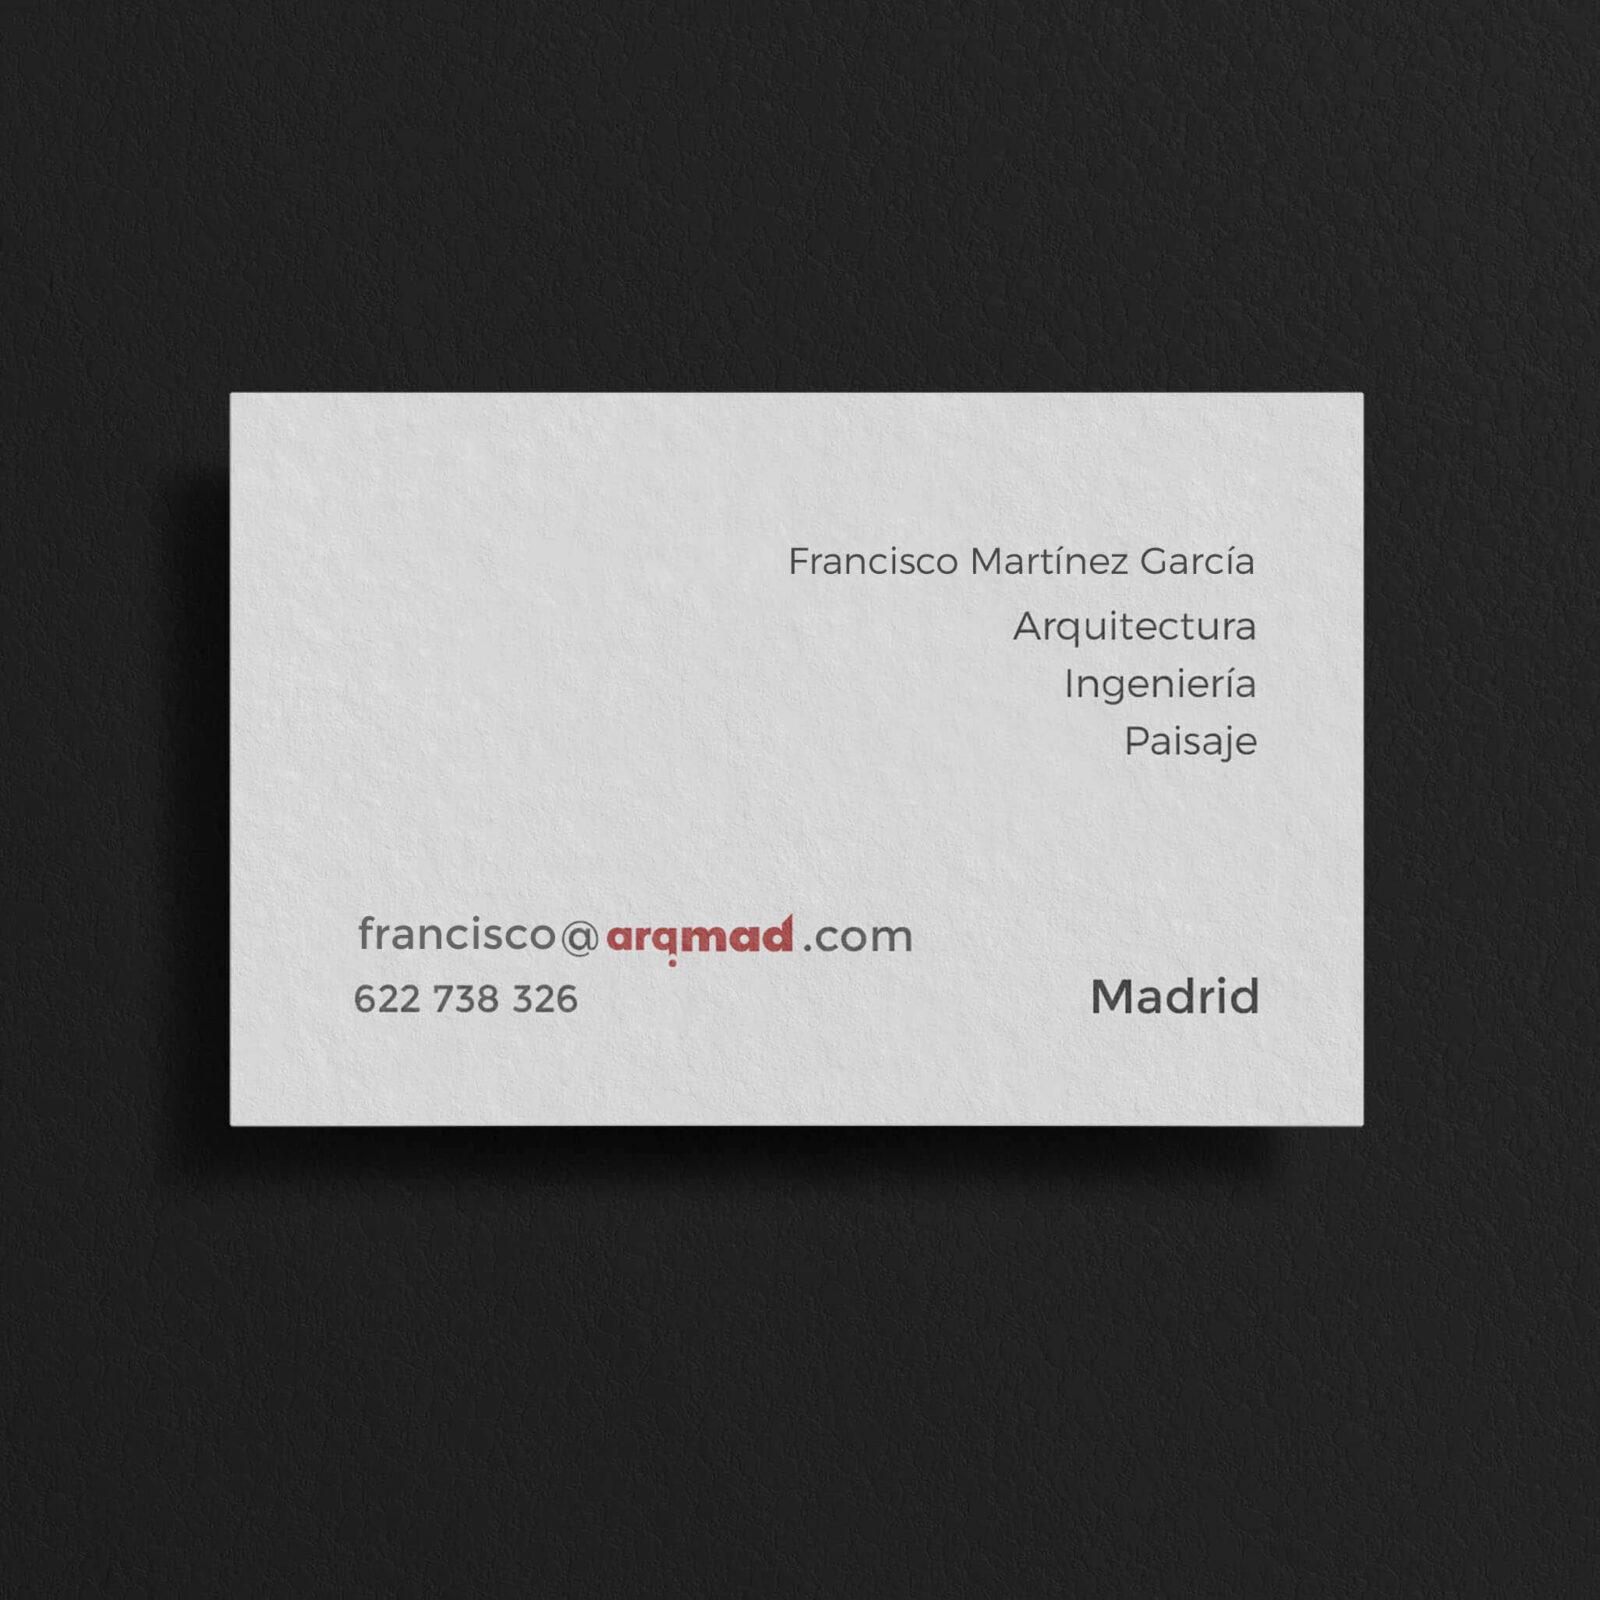 dqarquitectura-diseno-grafico-tarjeta-corporativa-enves-arqmad